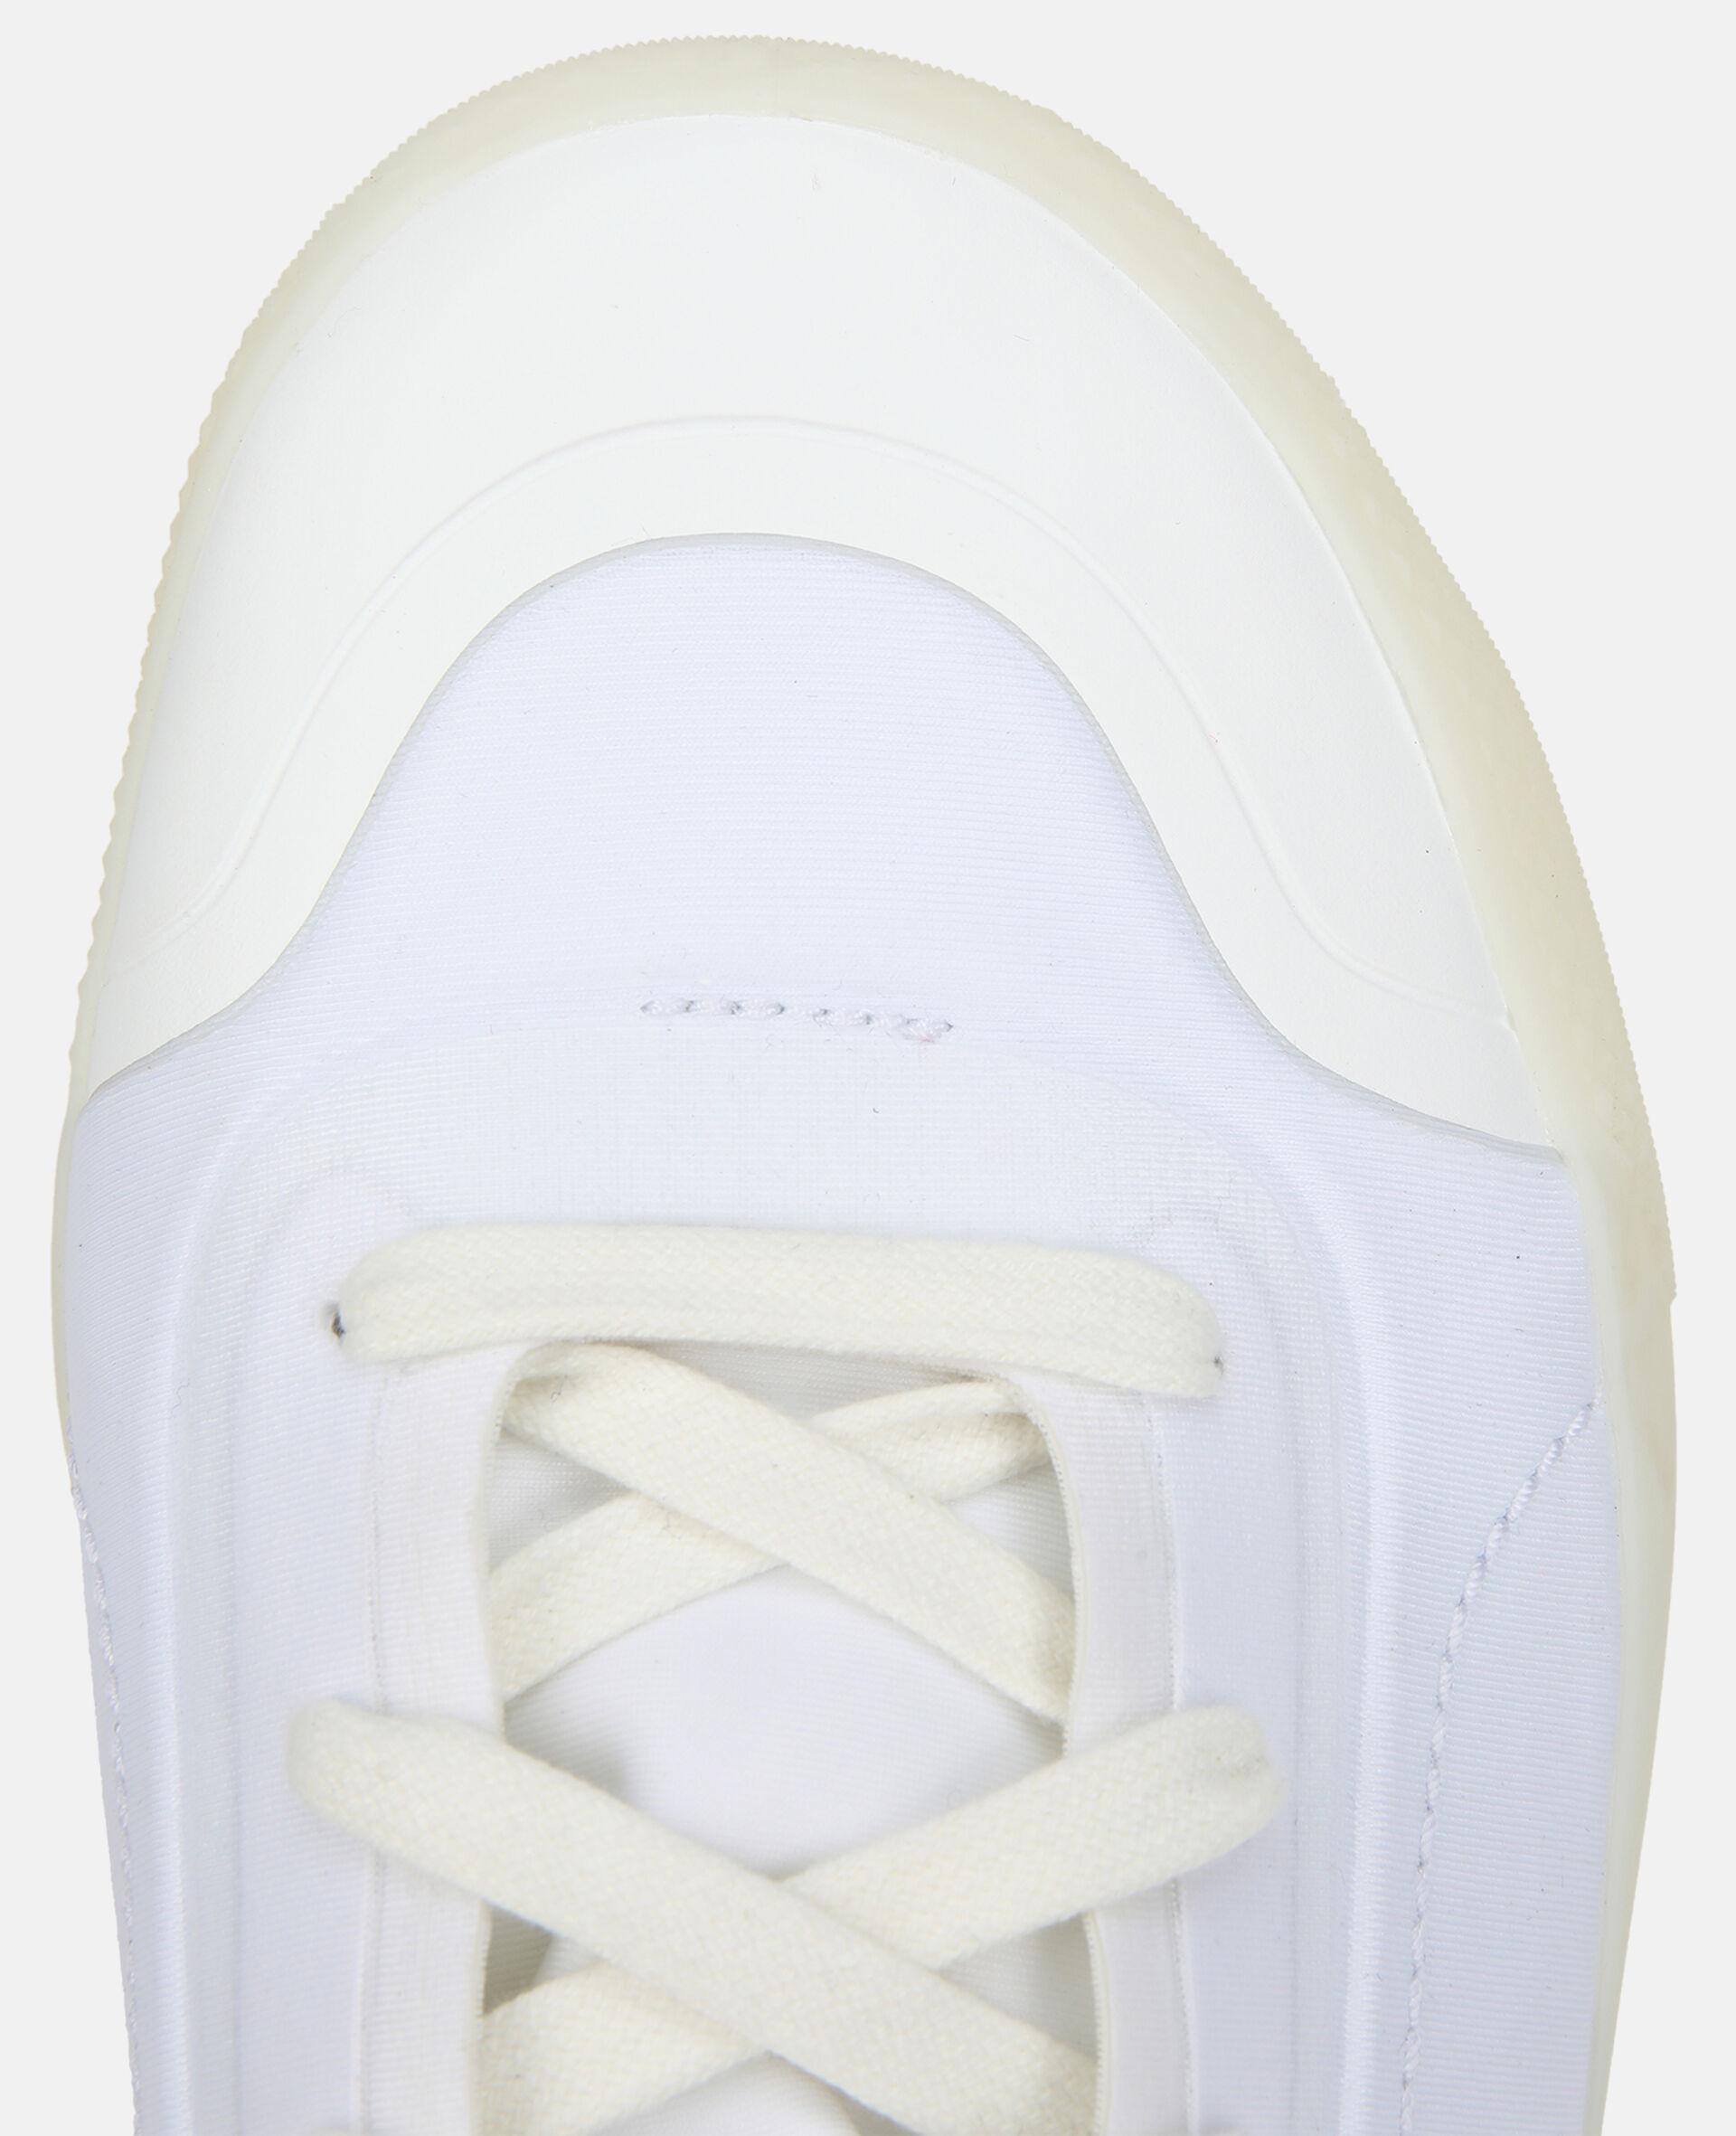 Weiße Boost Treino Turnschuhe-Weiß-large image number 5